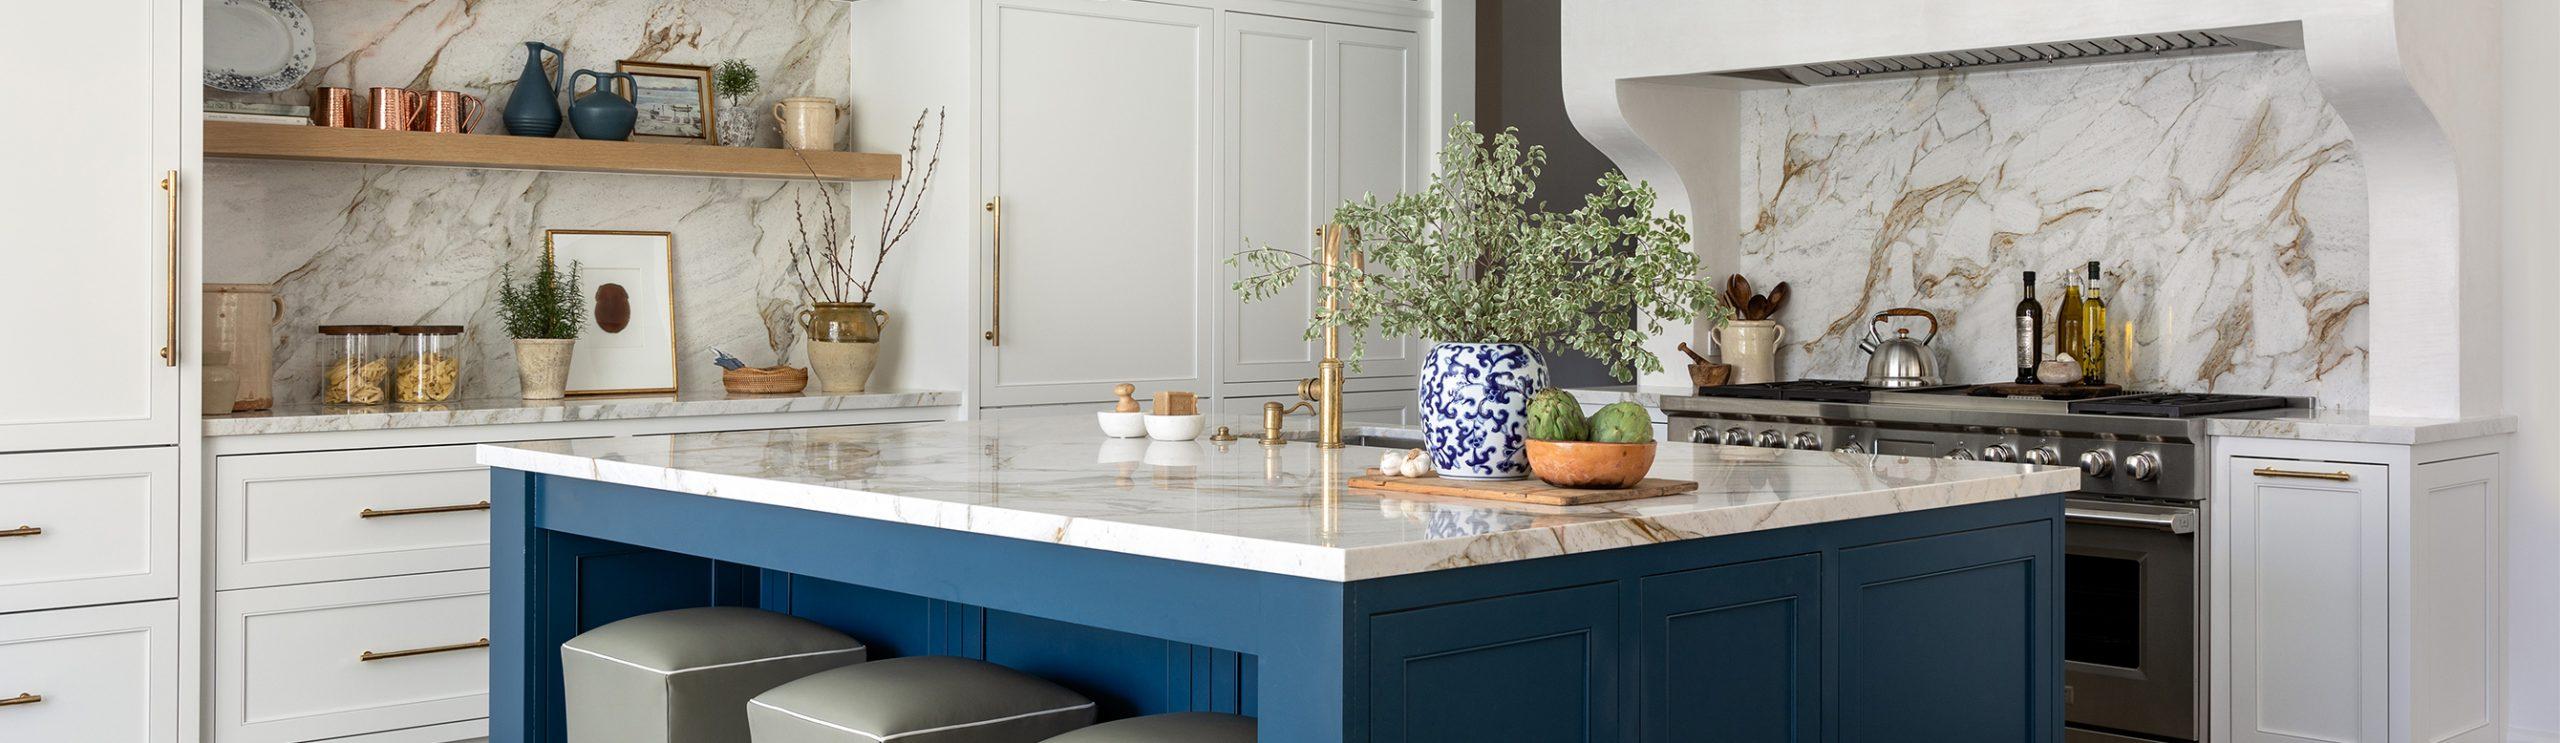 Elizabeth Garrett Kitchen design